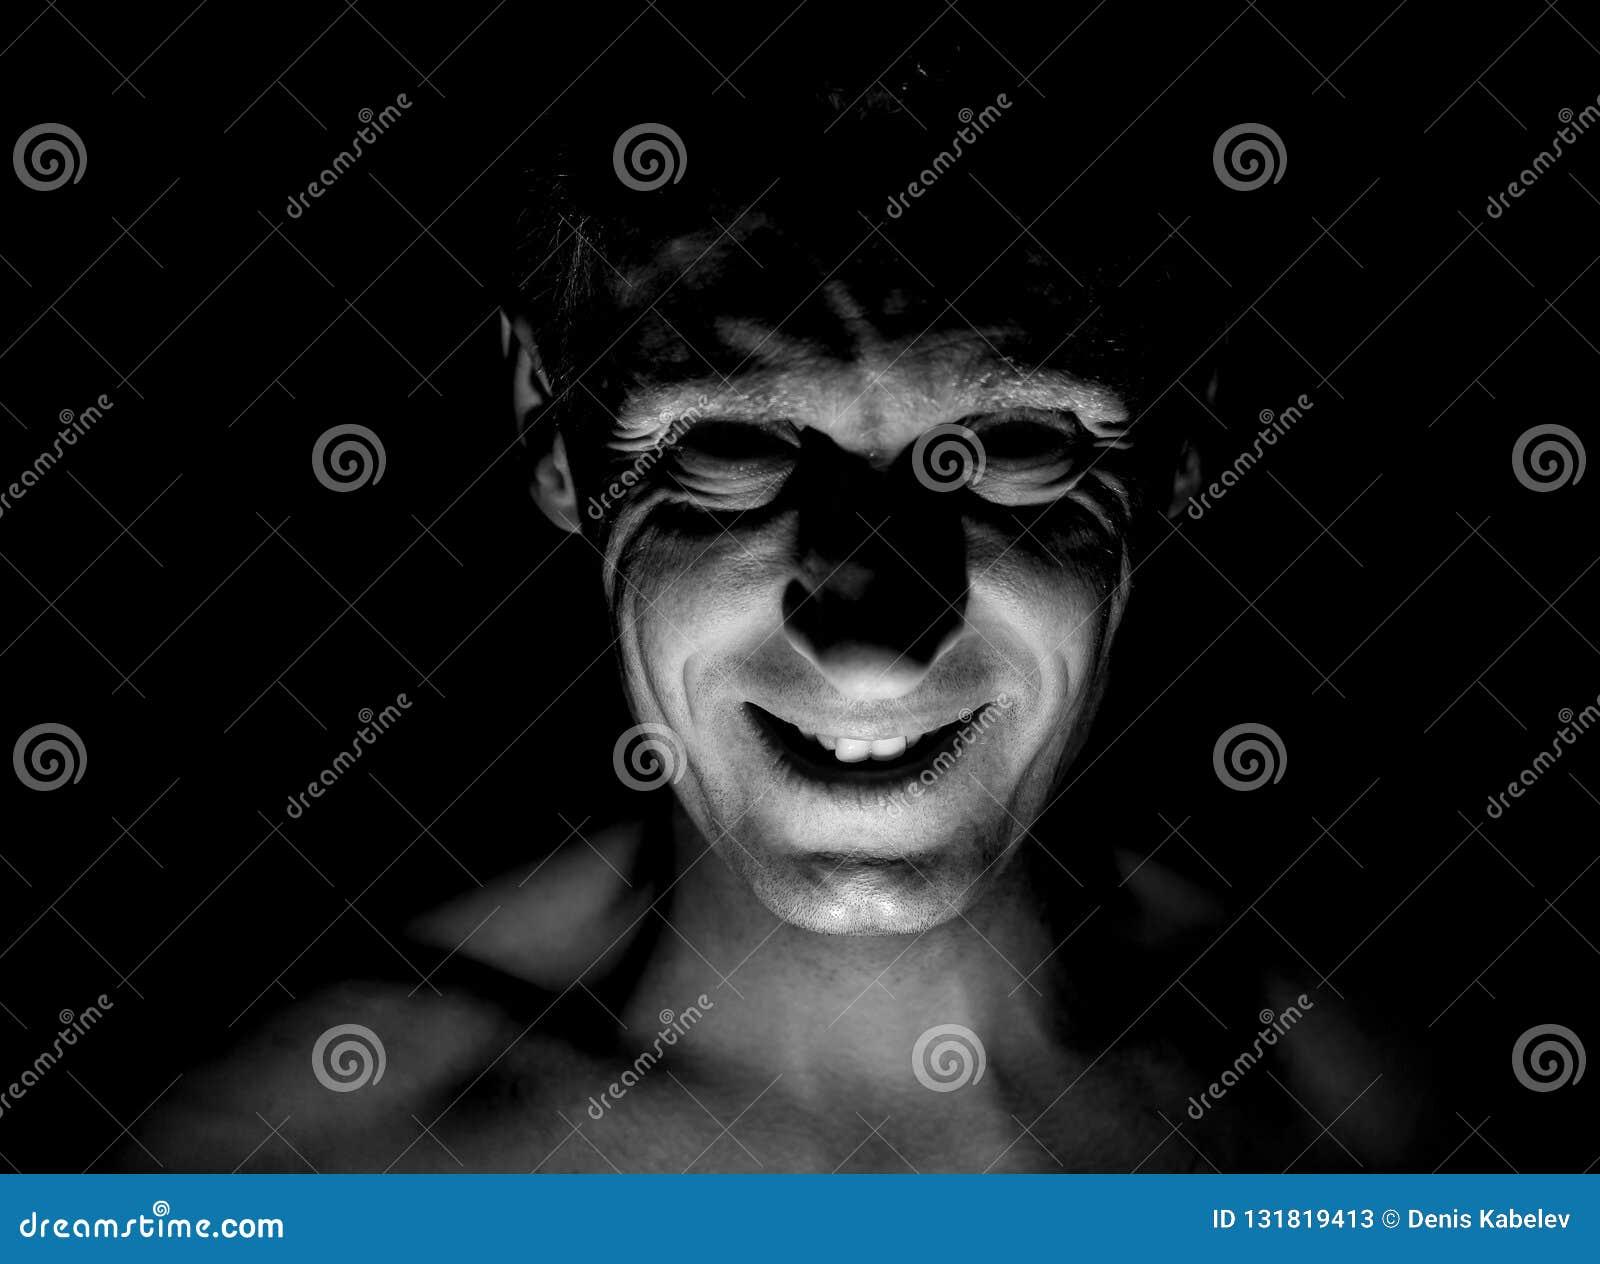 Μοντέρνο πορτρέτο του ενήλικου καυκάσιου ατόμου Χαμογελά όπως μανιακό και φαίνεται όπως μανιακός ή τρελλός